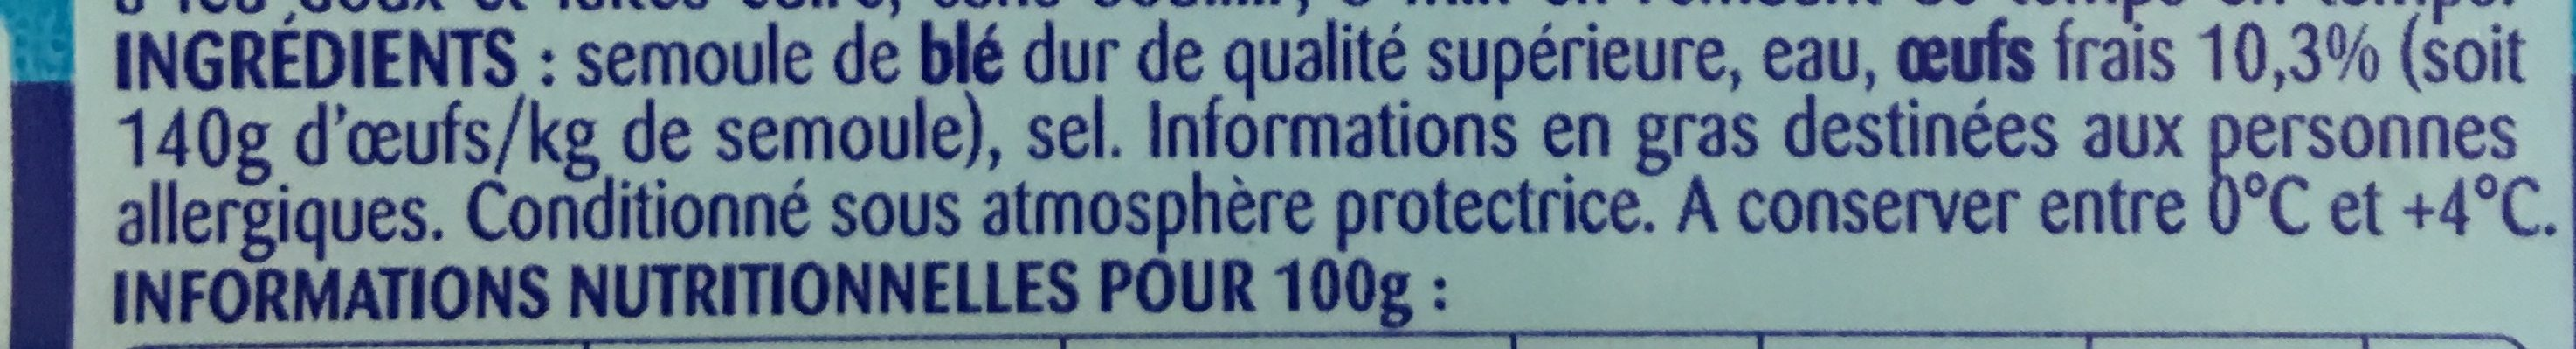 Tagliatelles aux œufs frais (Format Maxi) - Ingredients